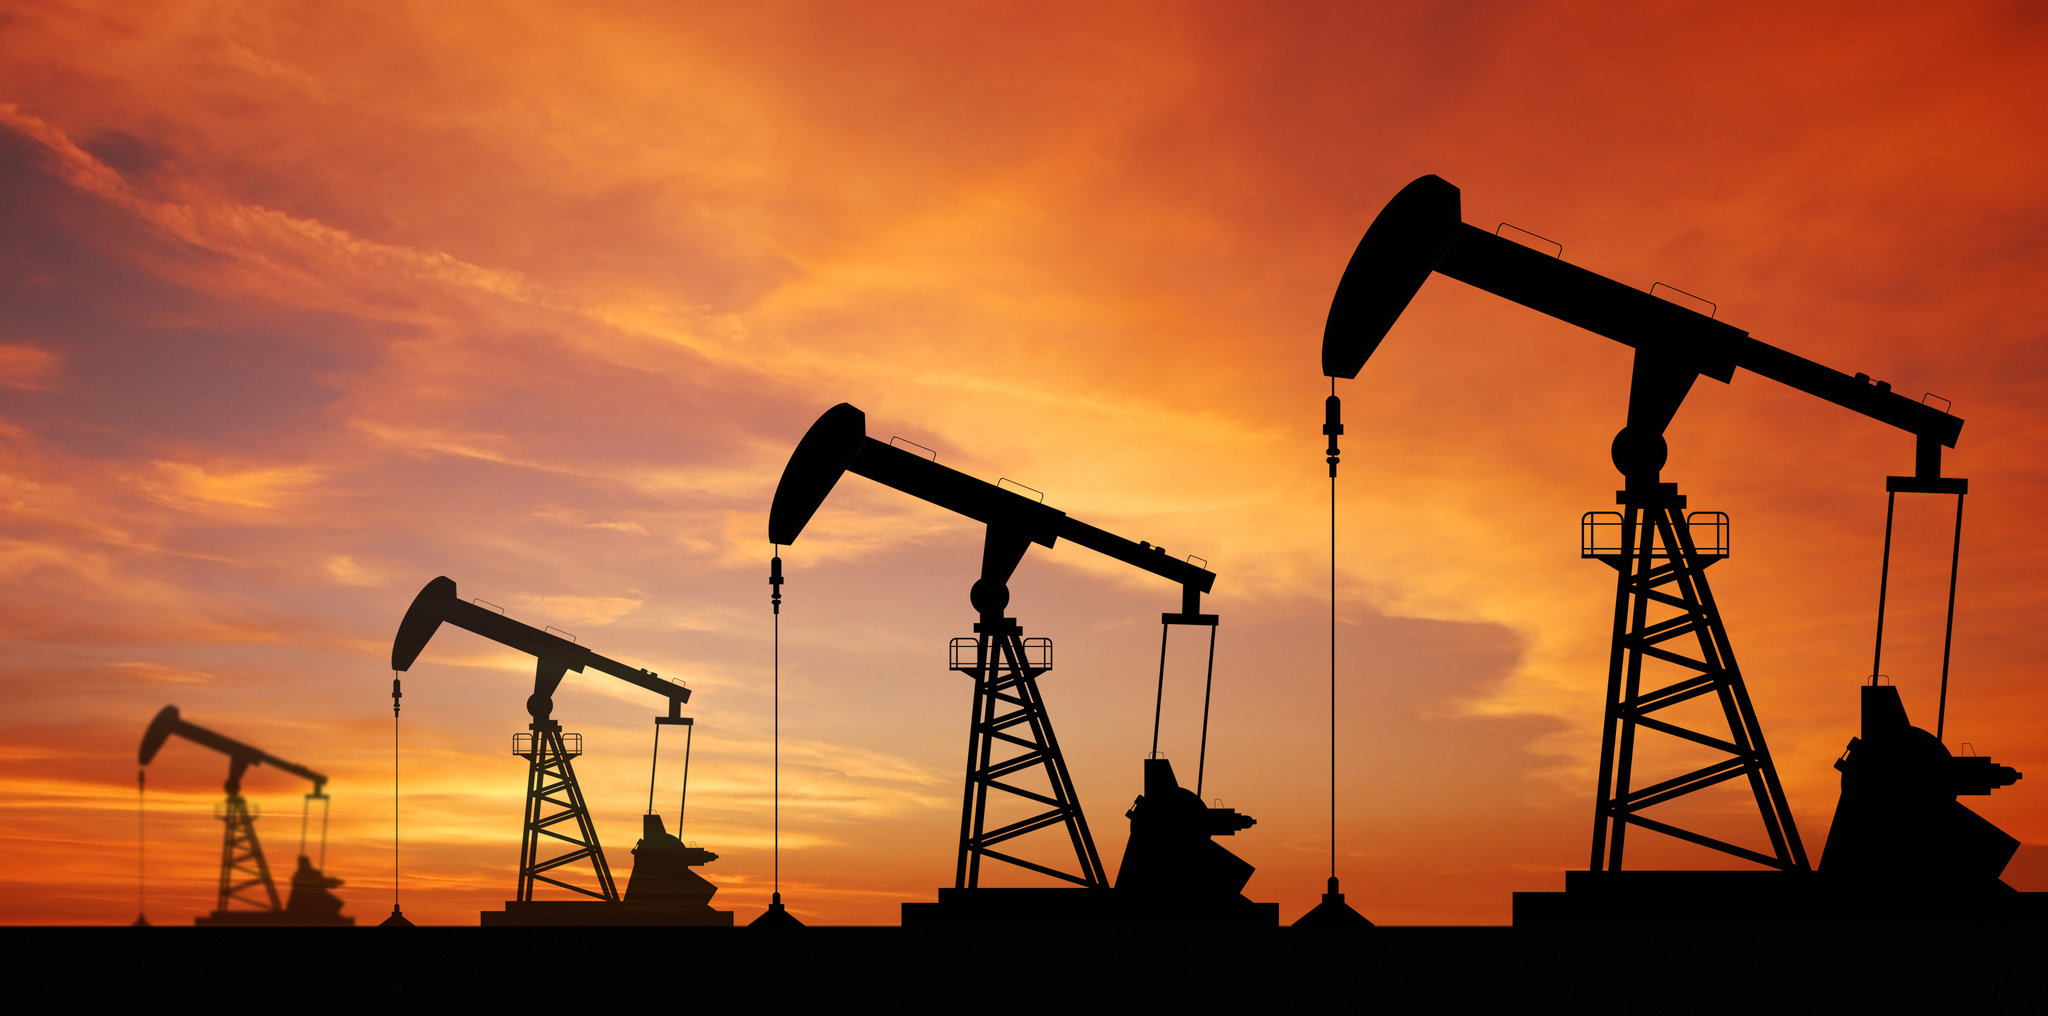 پیشبینی ادامه روند افزایشی قیمت نفت